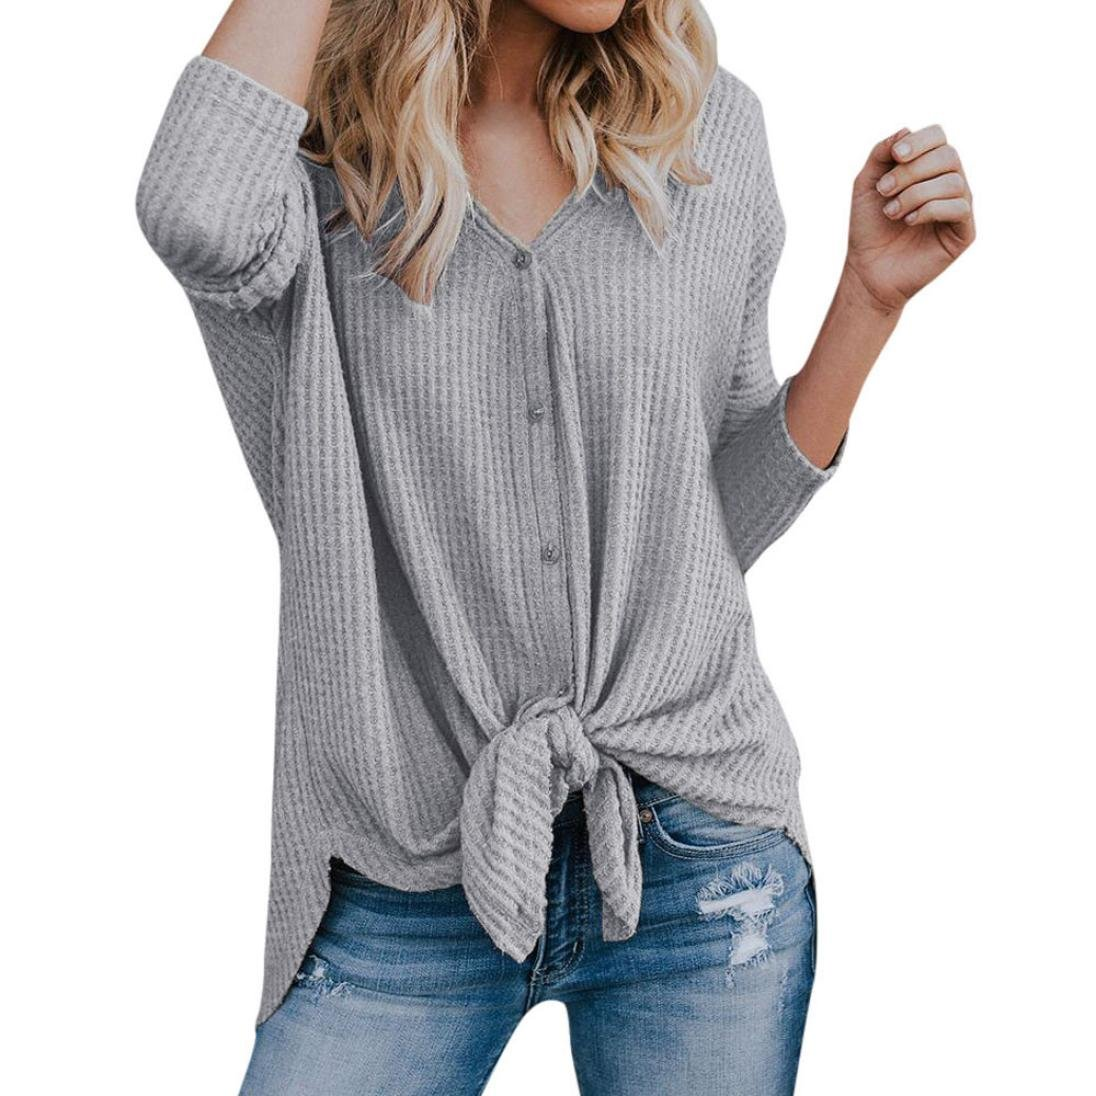 Amazon.com: iOPQO Tops para mujer, blusa de punto suelto ...